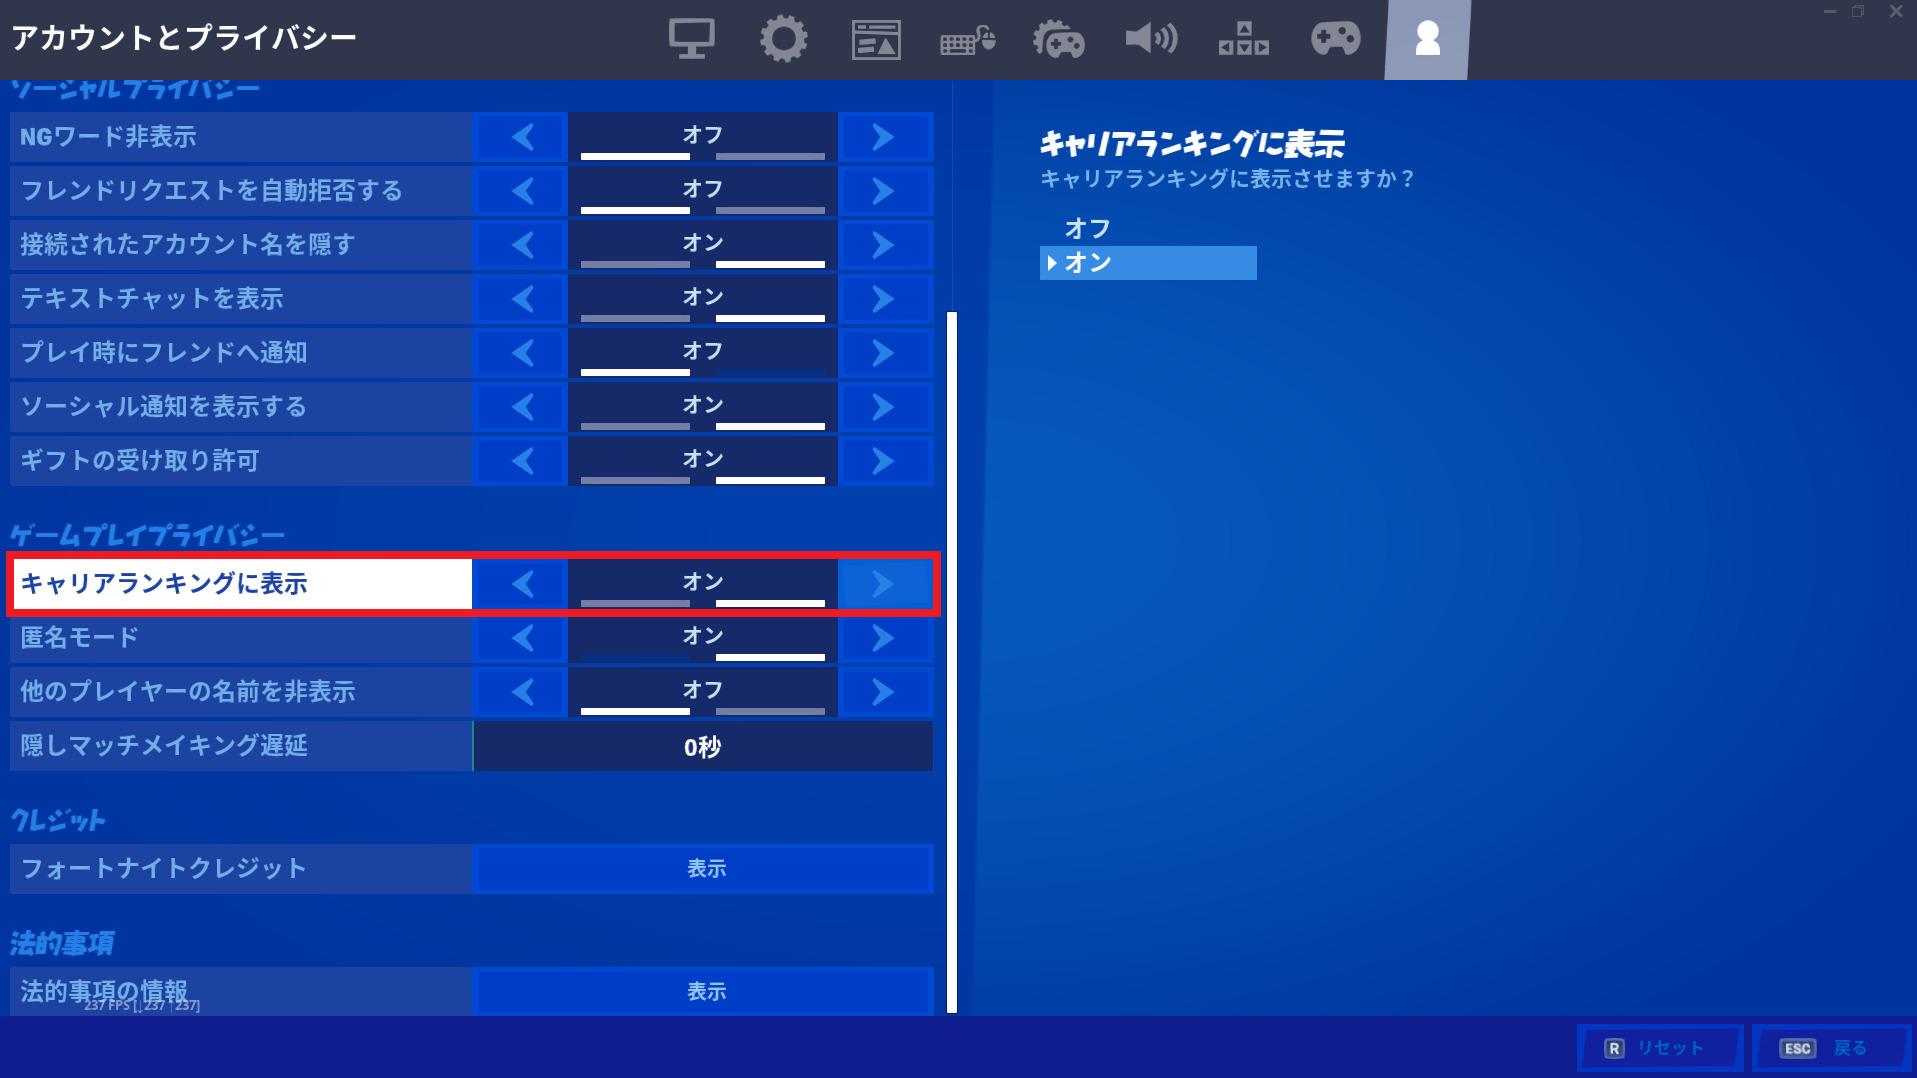 時間 見方 プレイ ps4 PS4でこれまでに遊んだゲームのプレイ時間を確認することはできないの?